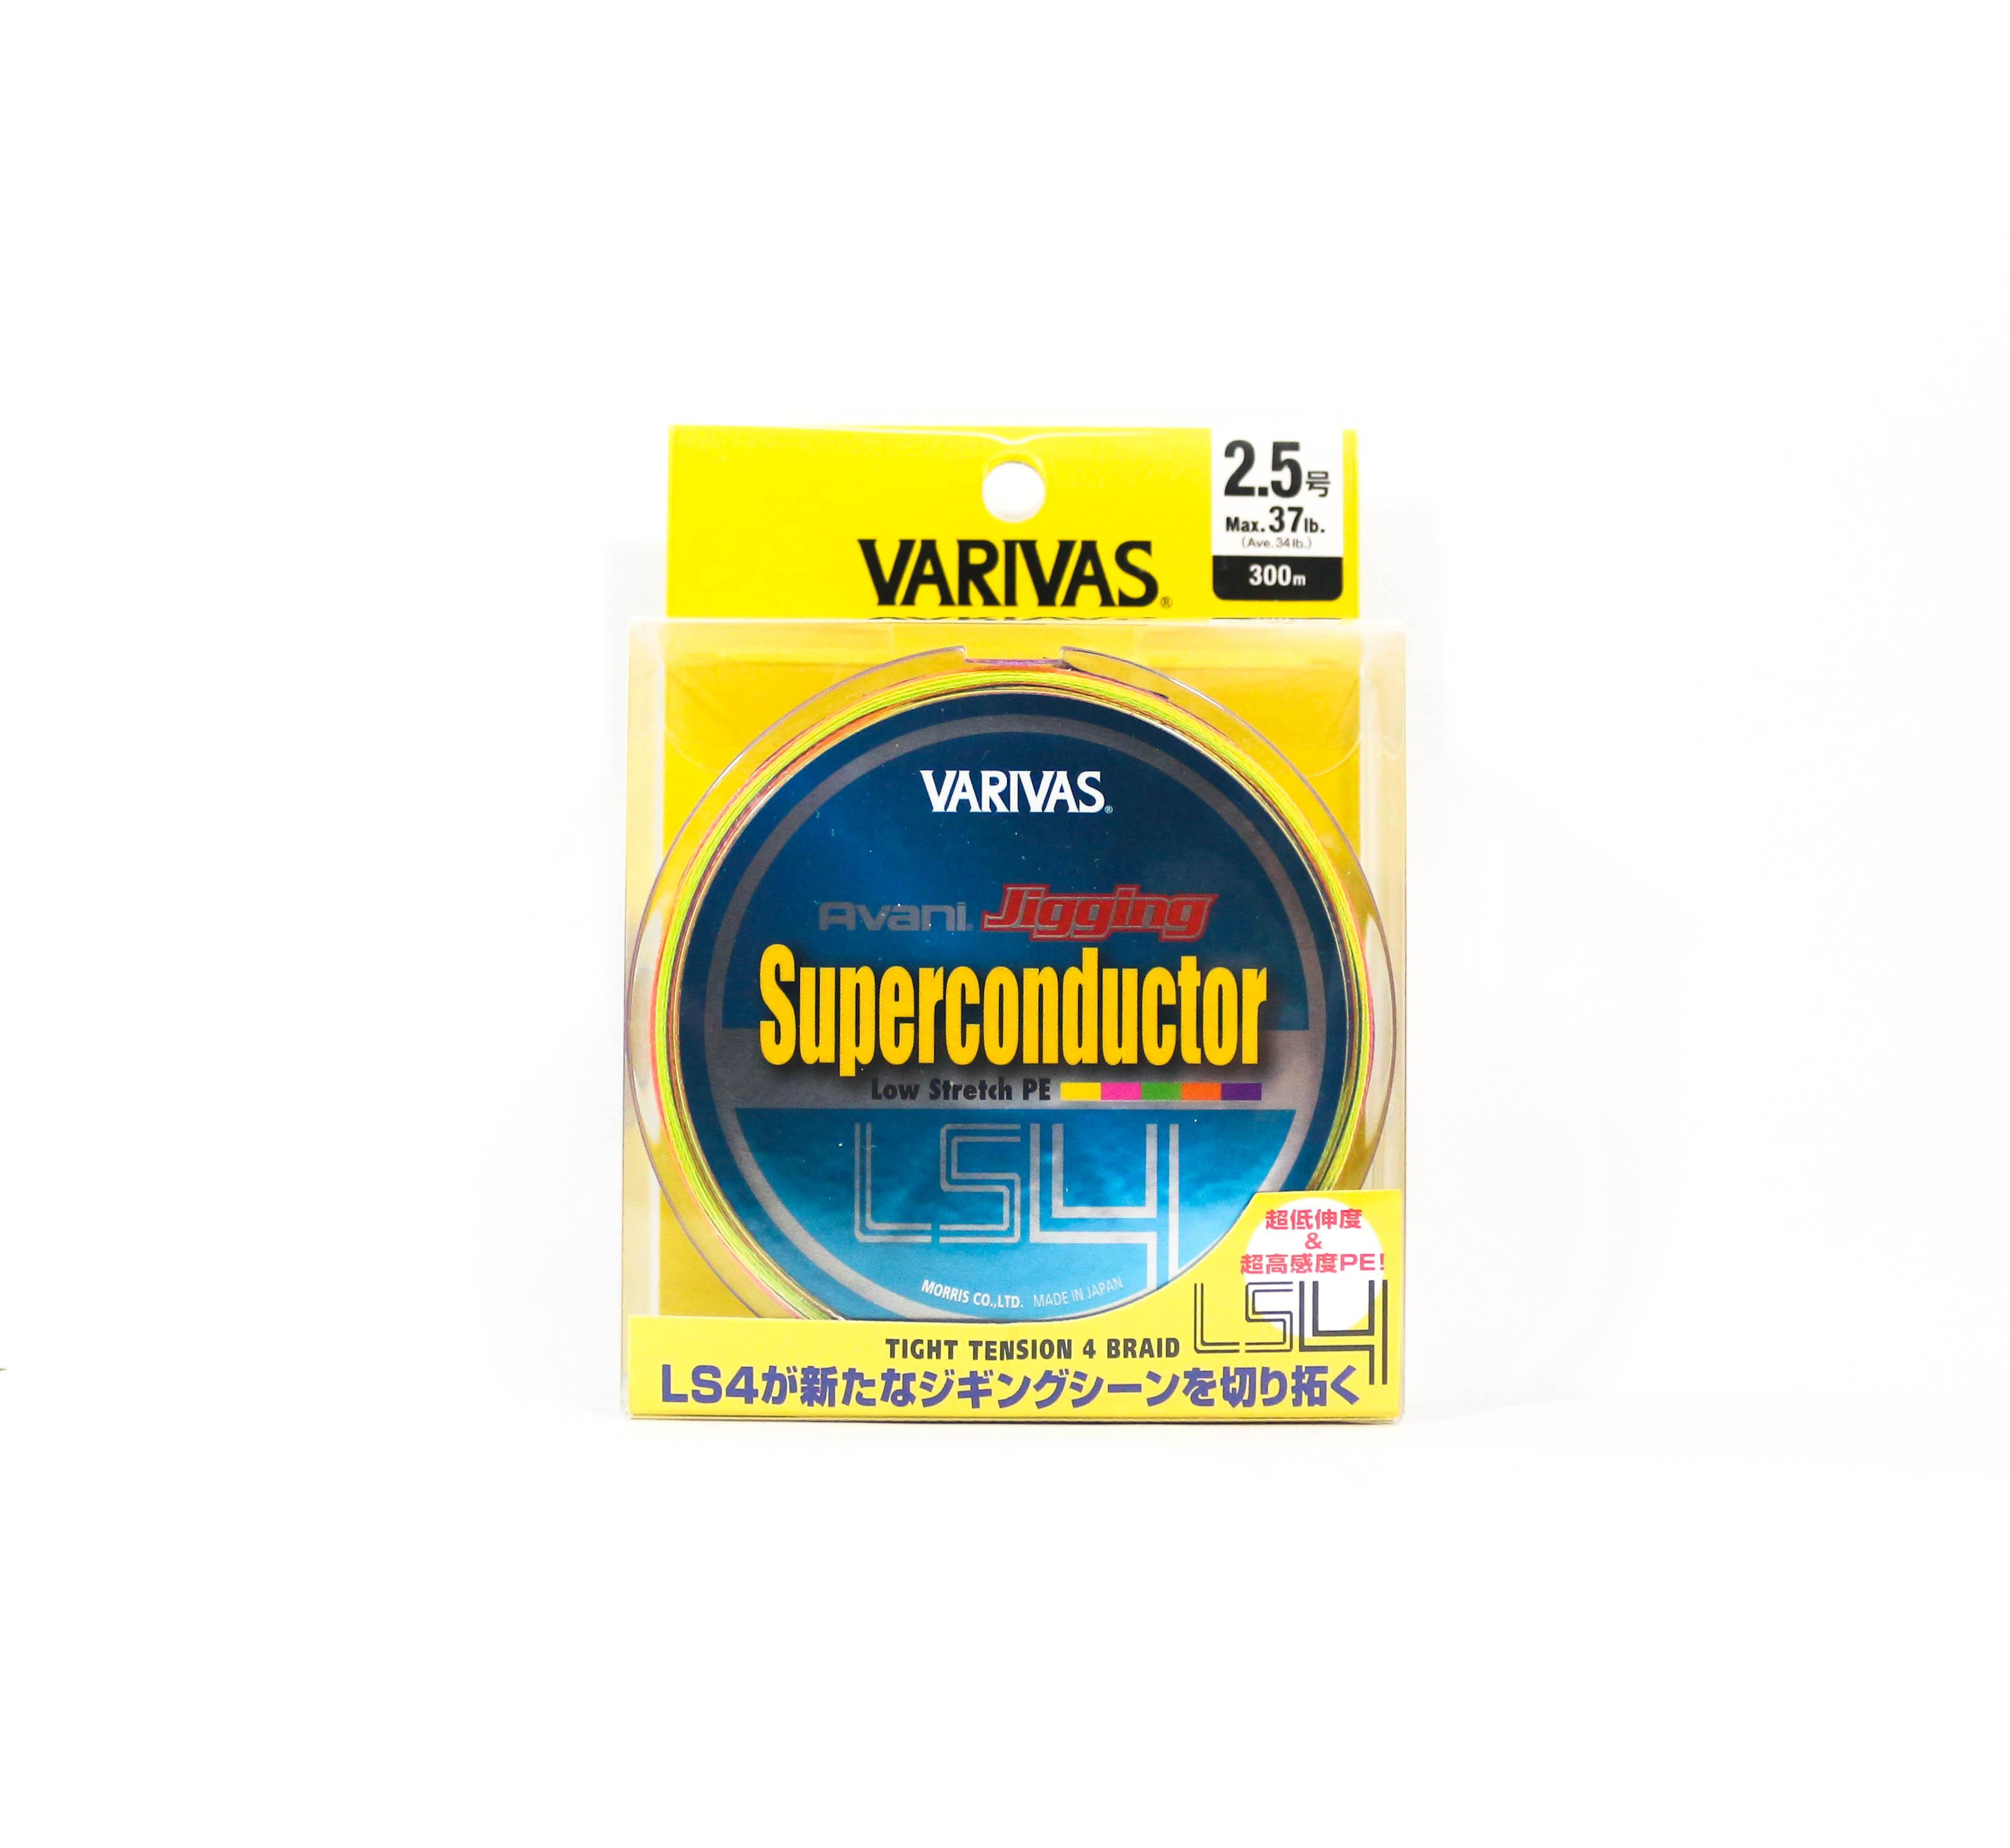 Sale Varivas P.E Line Avani Jigging Super Conductor 300m P.E 2.5 Max 37lb (2014)